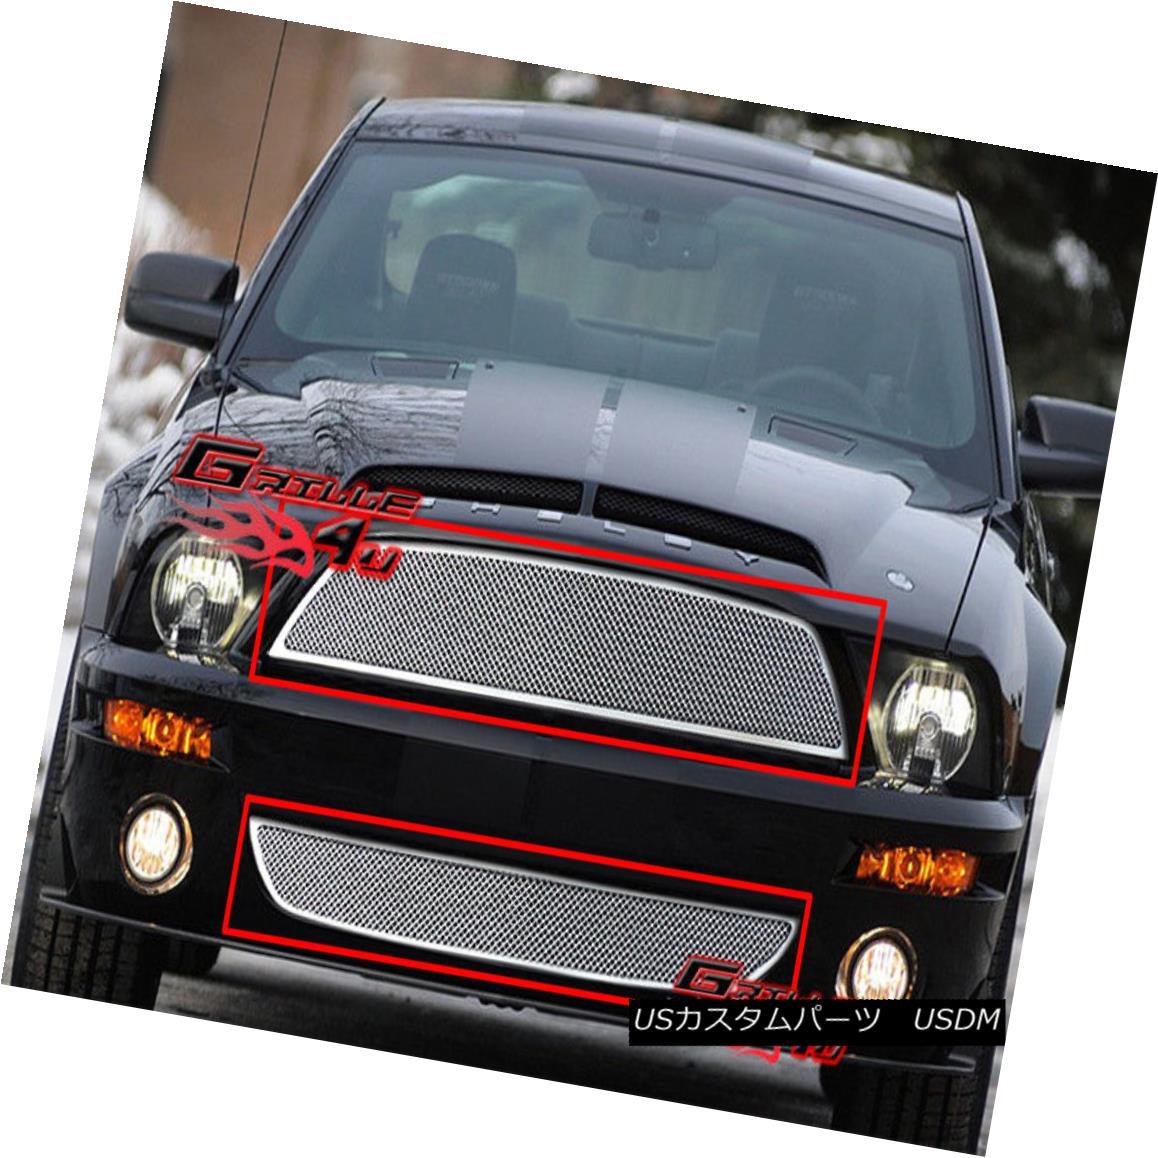 グリル Fits 07-09 Ford Shelby GT500 Stainless Mesh Grille Grill Combo Insert フィット07-09フォードシェルビーGT500ステンレスメッシュグリルグリルコンボインサート